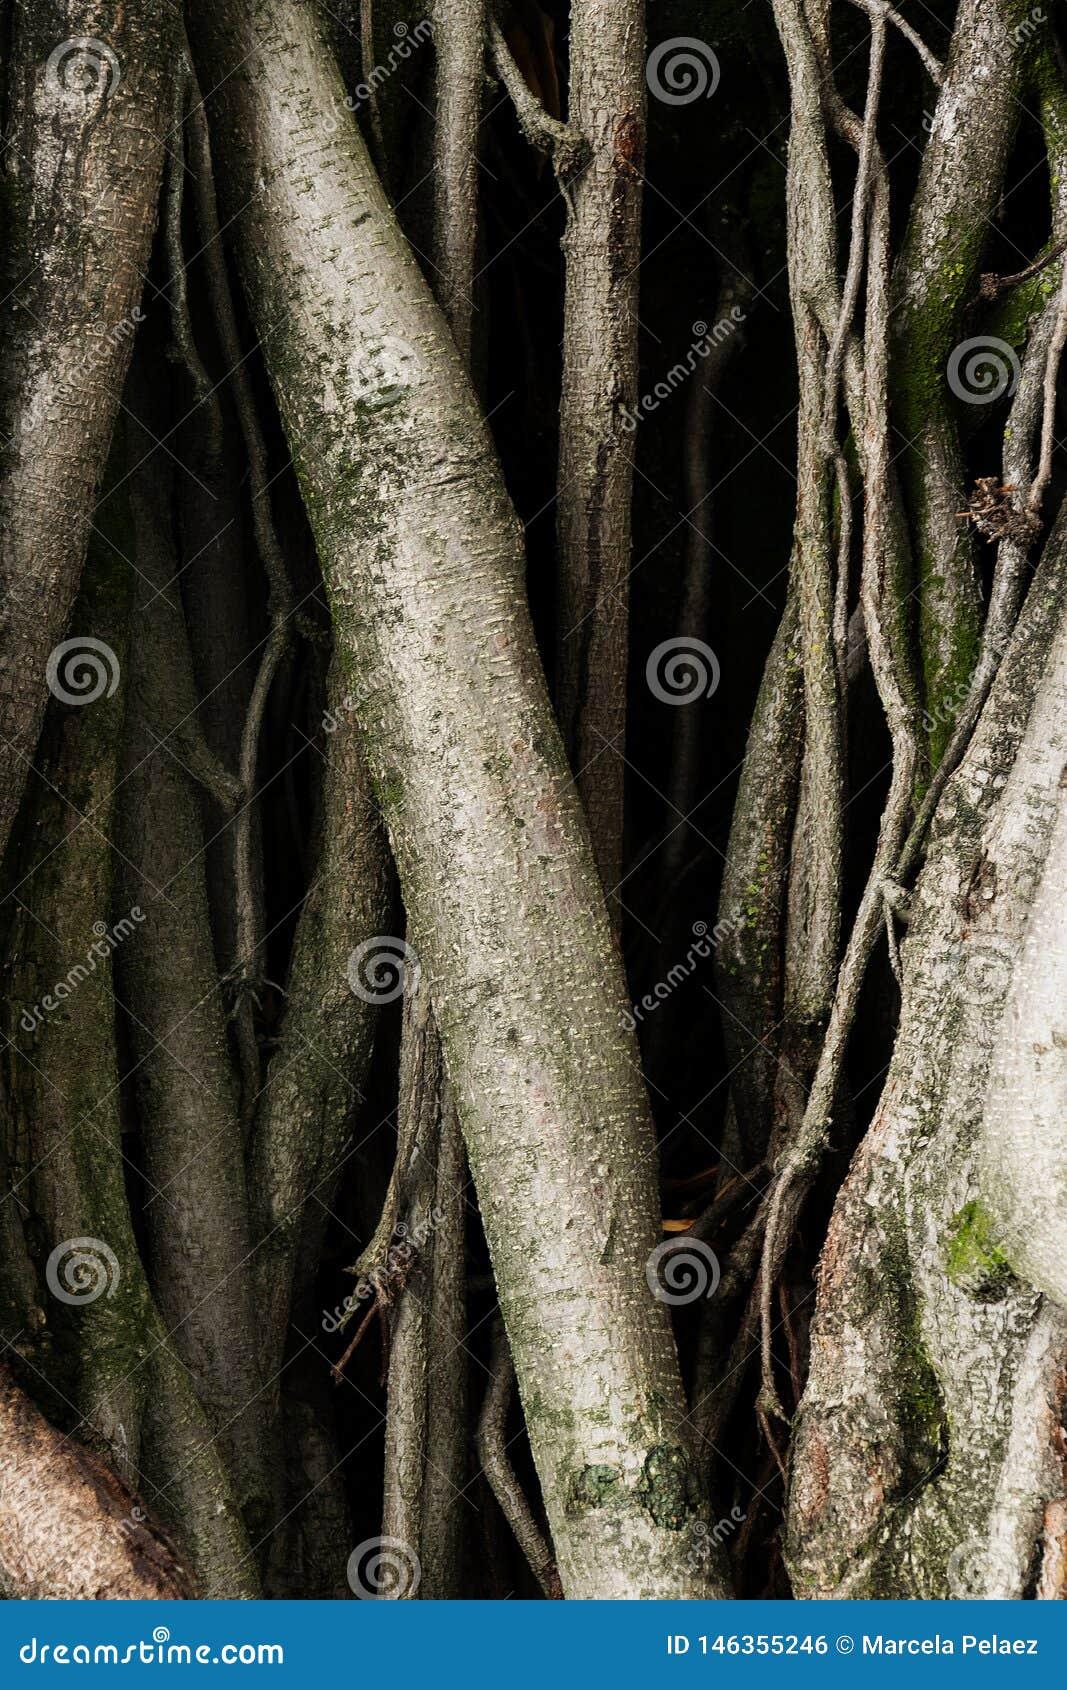 Παλαιές ρίζες δέντρων με τα σκοτεινά σκιών πράσινα συναισθήματα φόβου βρύου τρομακτικά